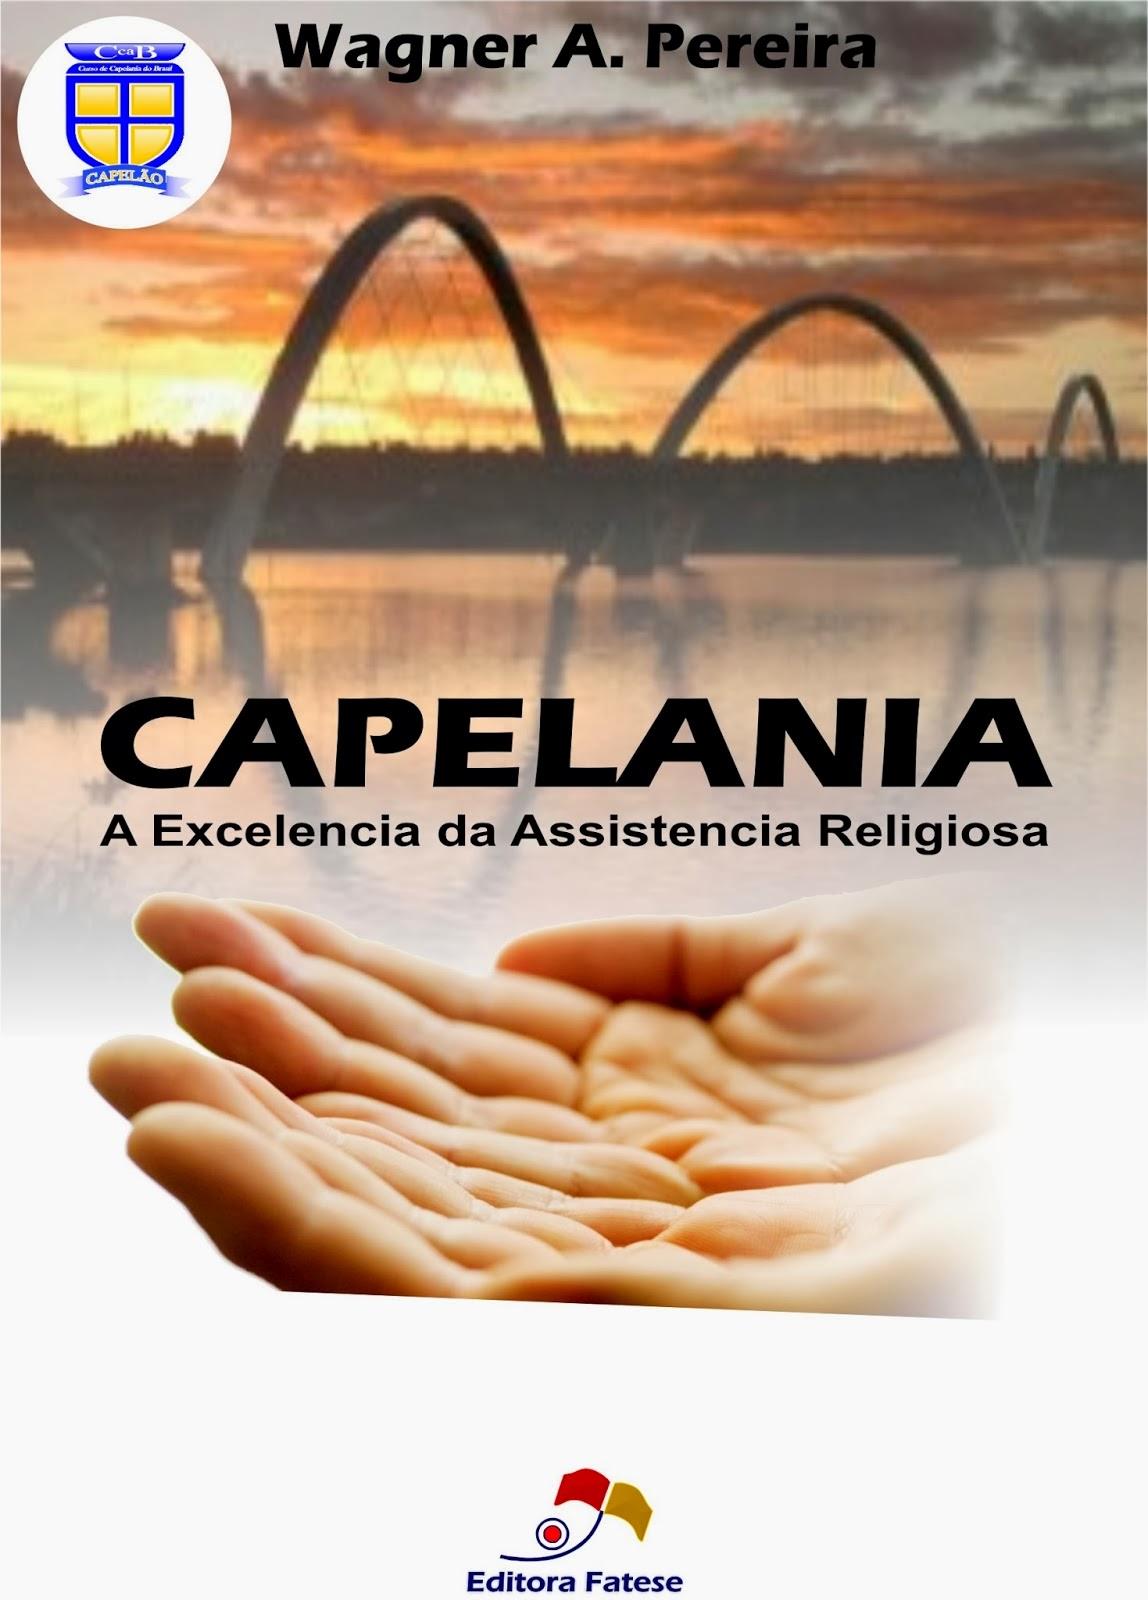 Curso de capelania gratis